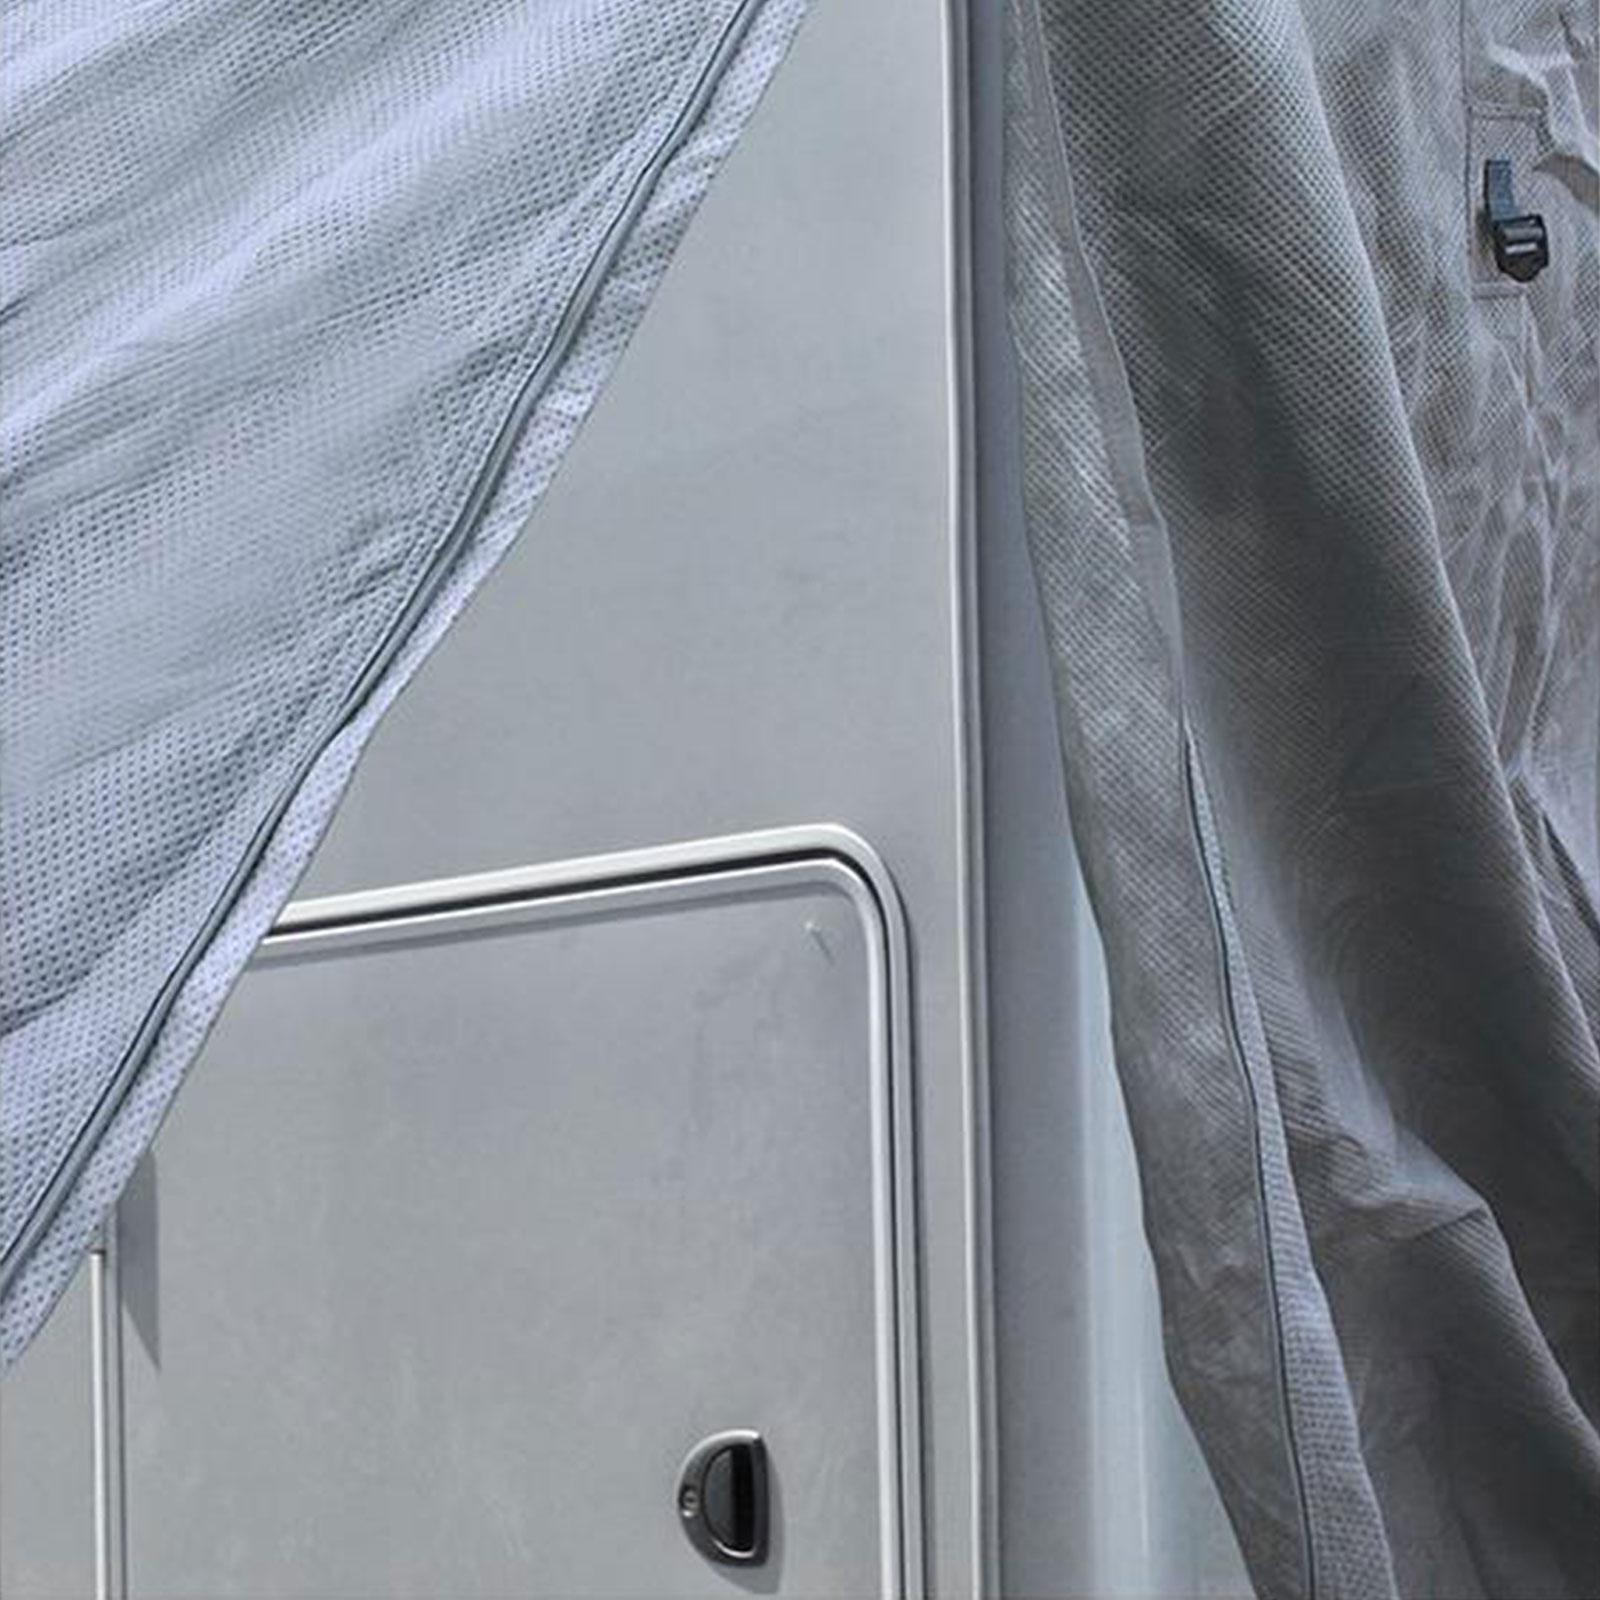 Wohnmobil Schutzhülle 235 x 700 x 270 cm 3 Schicht 160G/ Quadratmeter